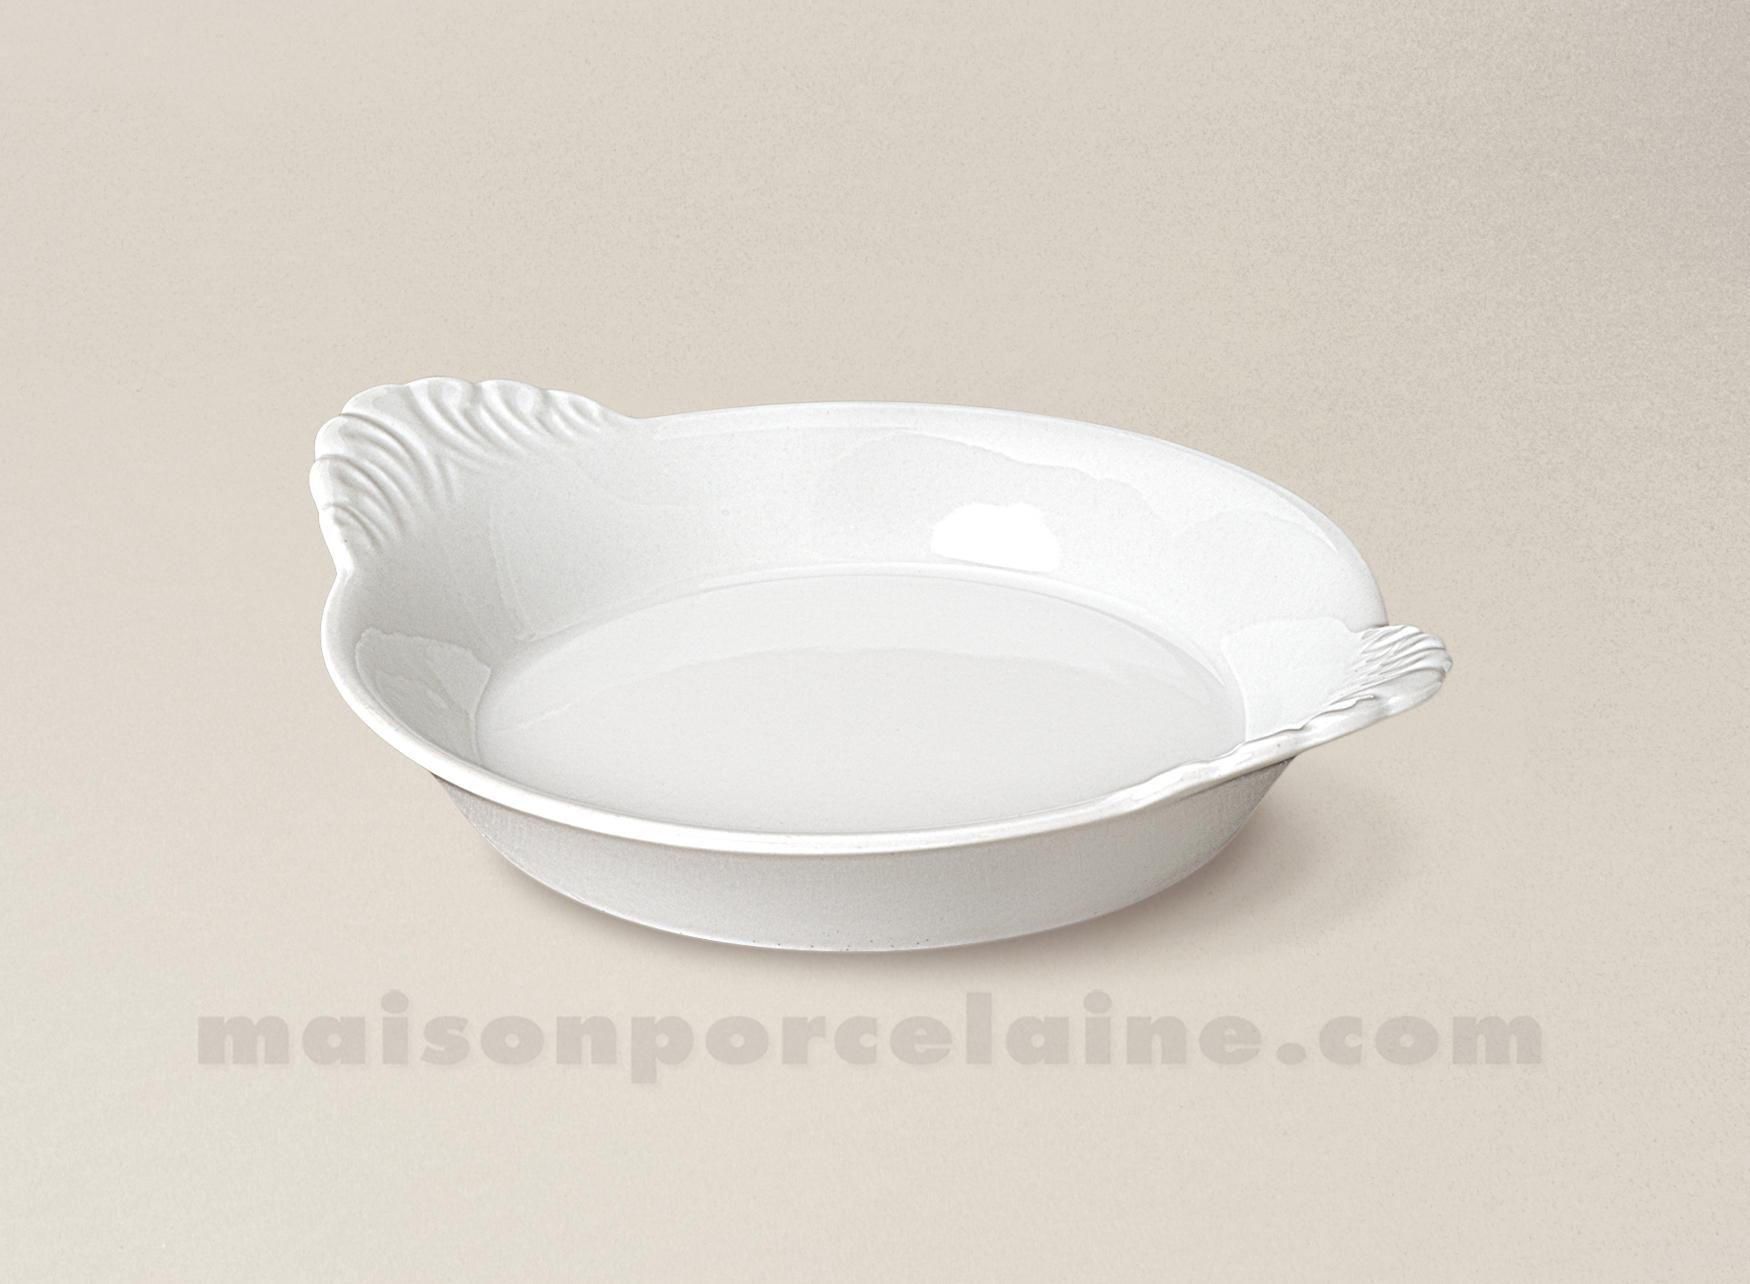 plat rond oreilles porcelaine blanche culinaire pm 16x13 maison de la porcelaine. Black Bedroom Furniture Sets. Home Design Ideas